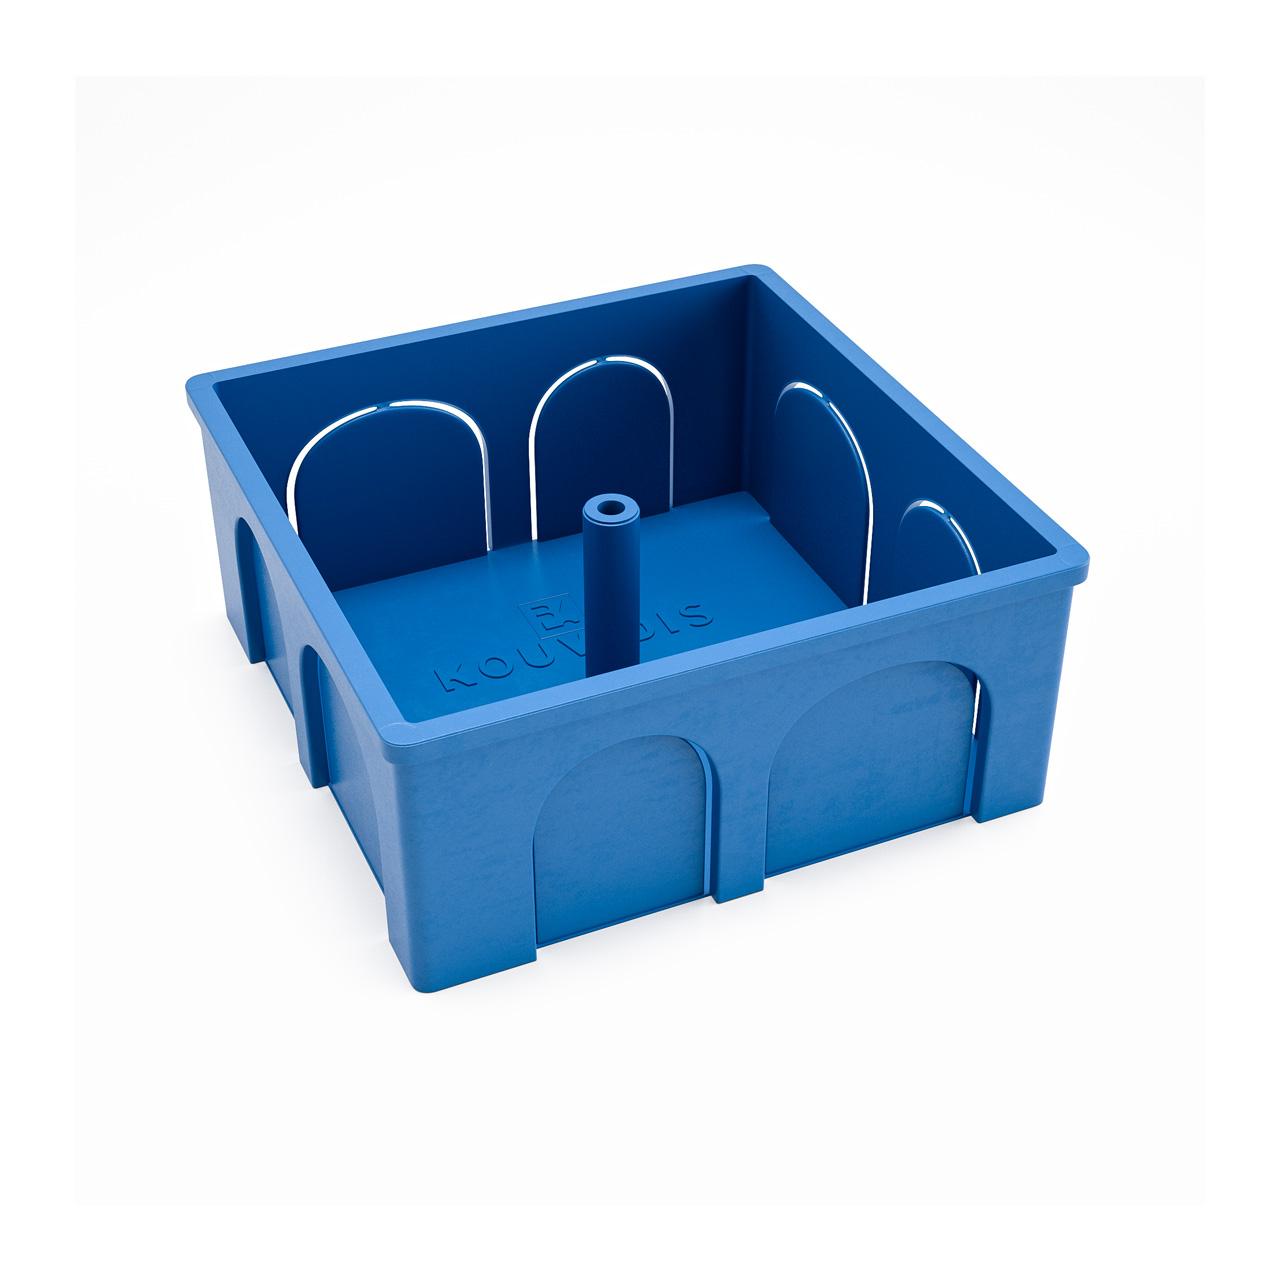 Κουτί Διακ/Σεως Τετράγωνο 7,5 Χ 7,5